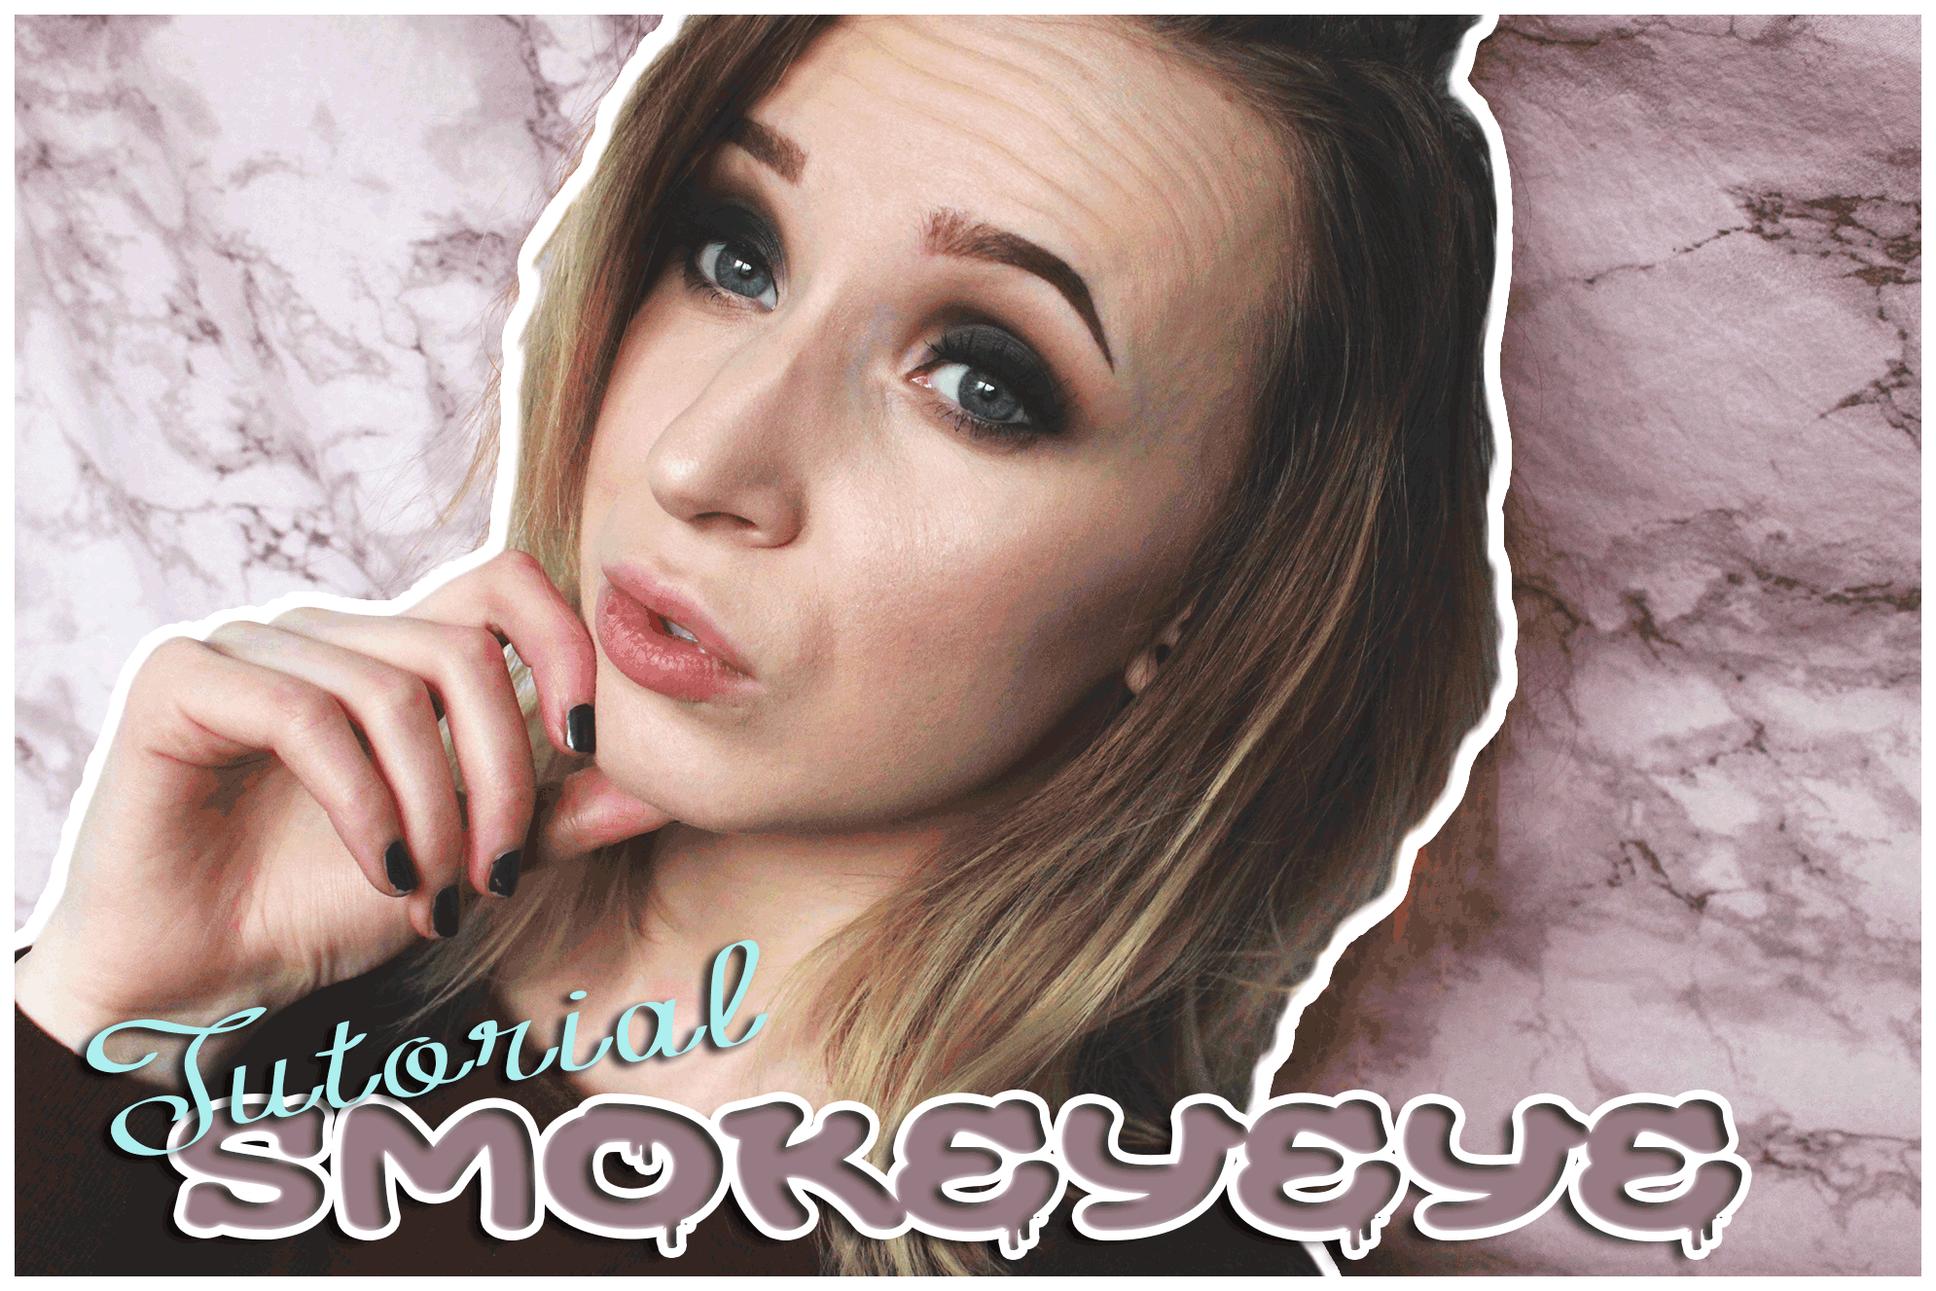 Smokey eye tutorial